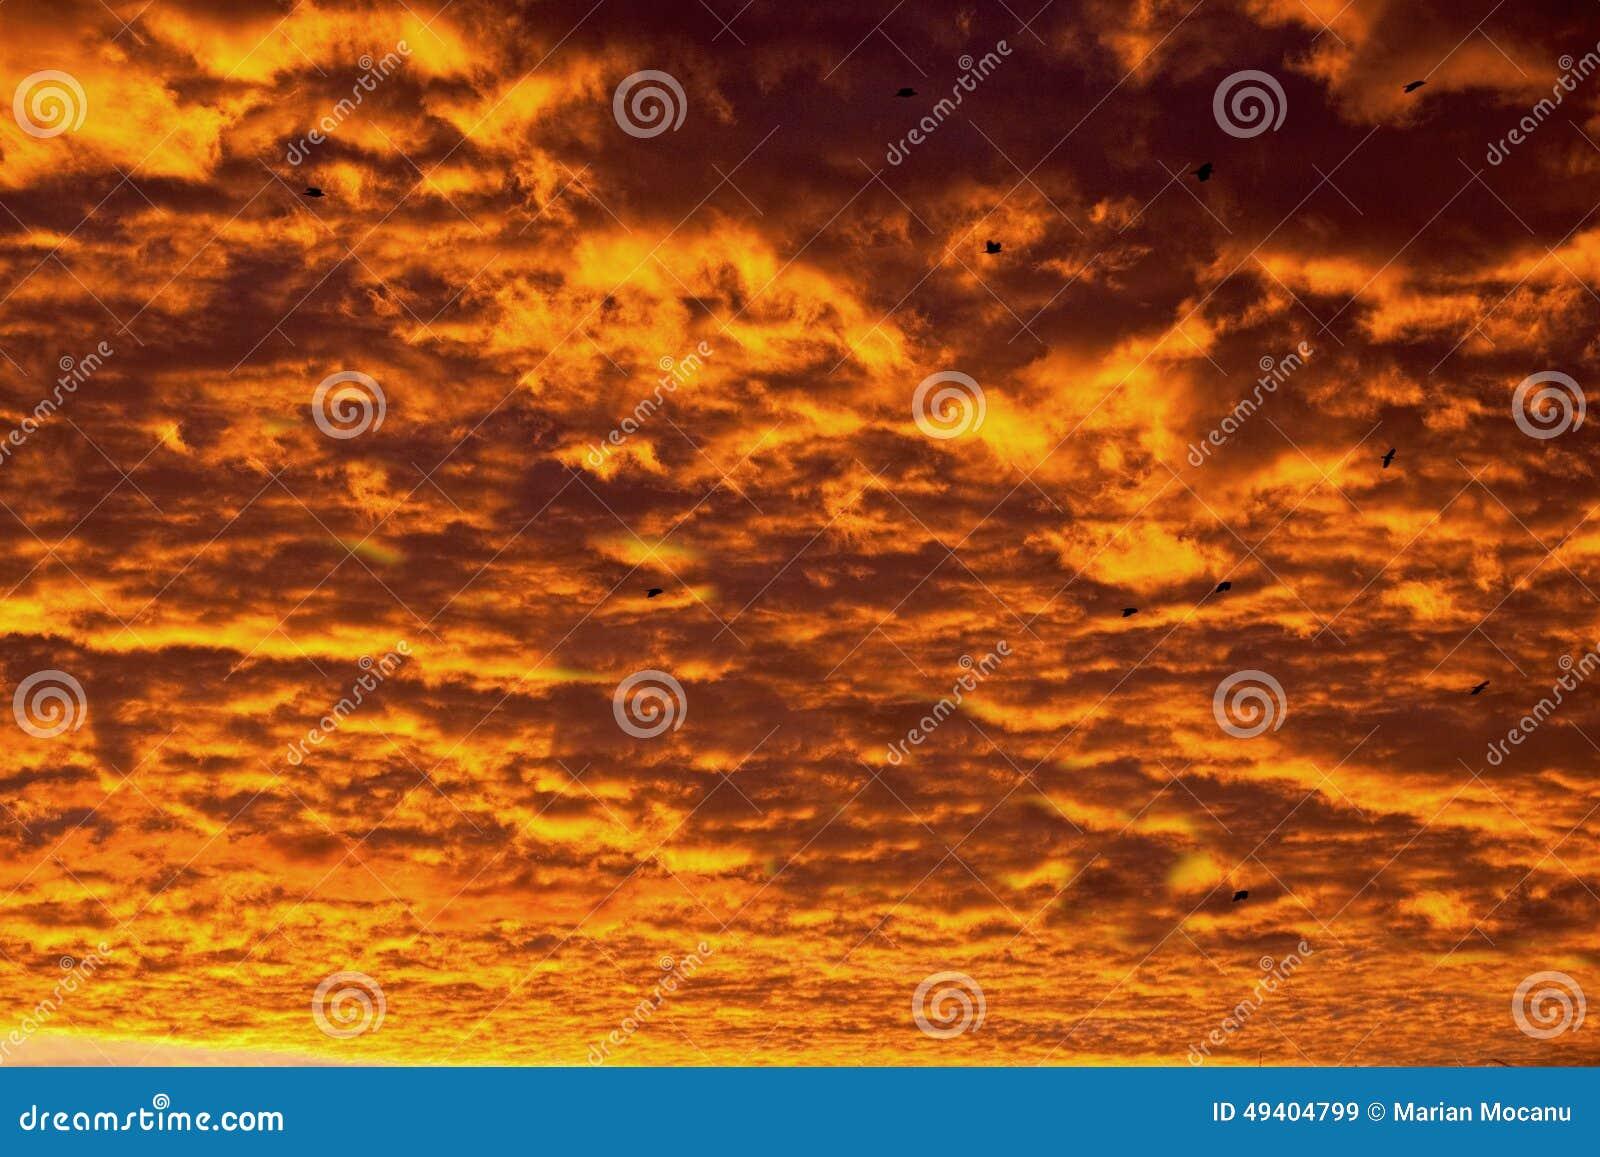 Download Feuer im Himmel stockbild. Bild von umhang, orange, landschaft - 49404799